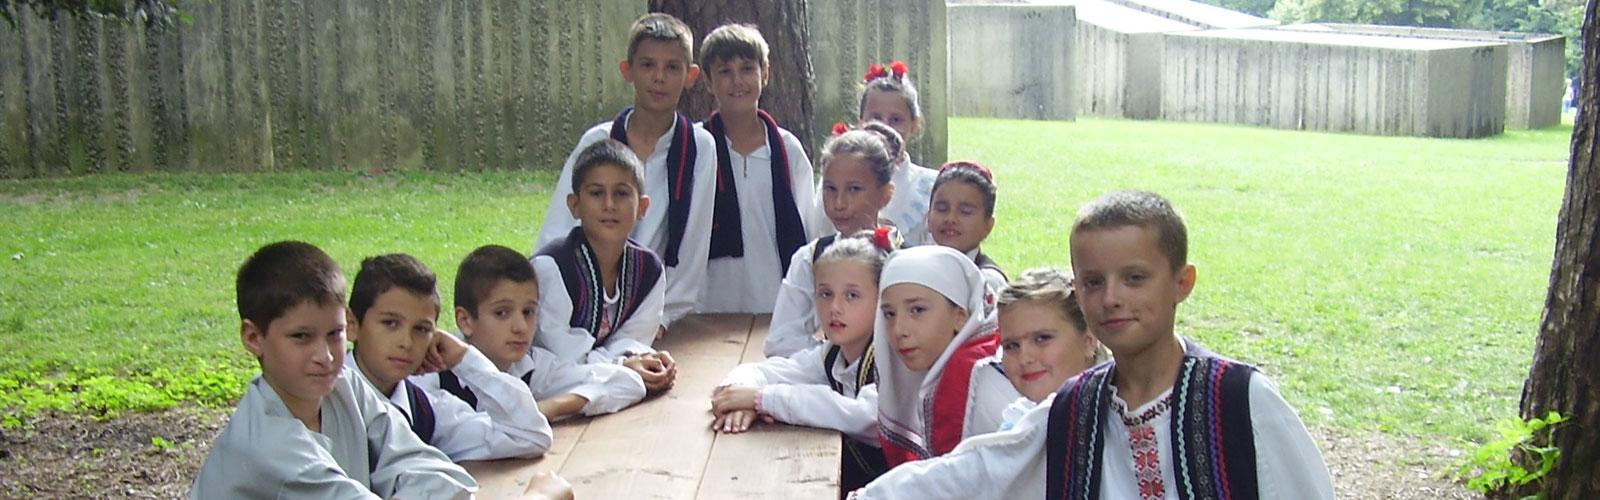 nacionalni-park-kozara-kulturna-bastina-7